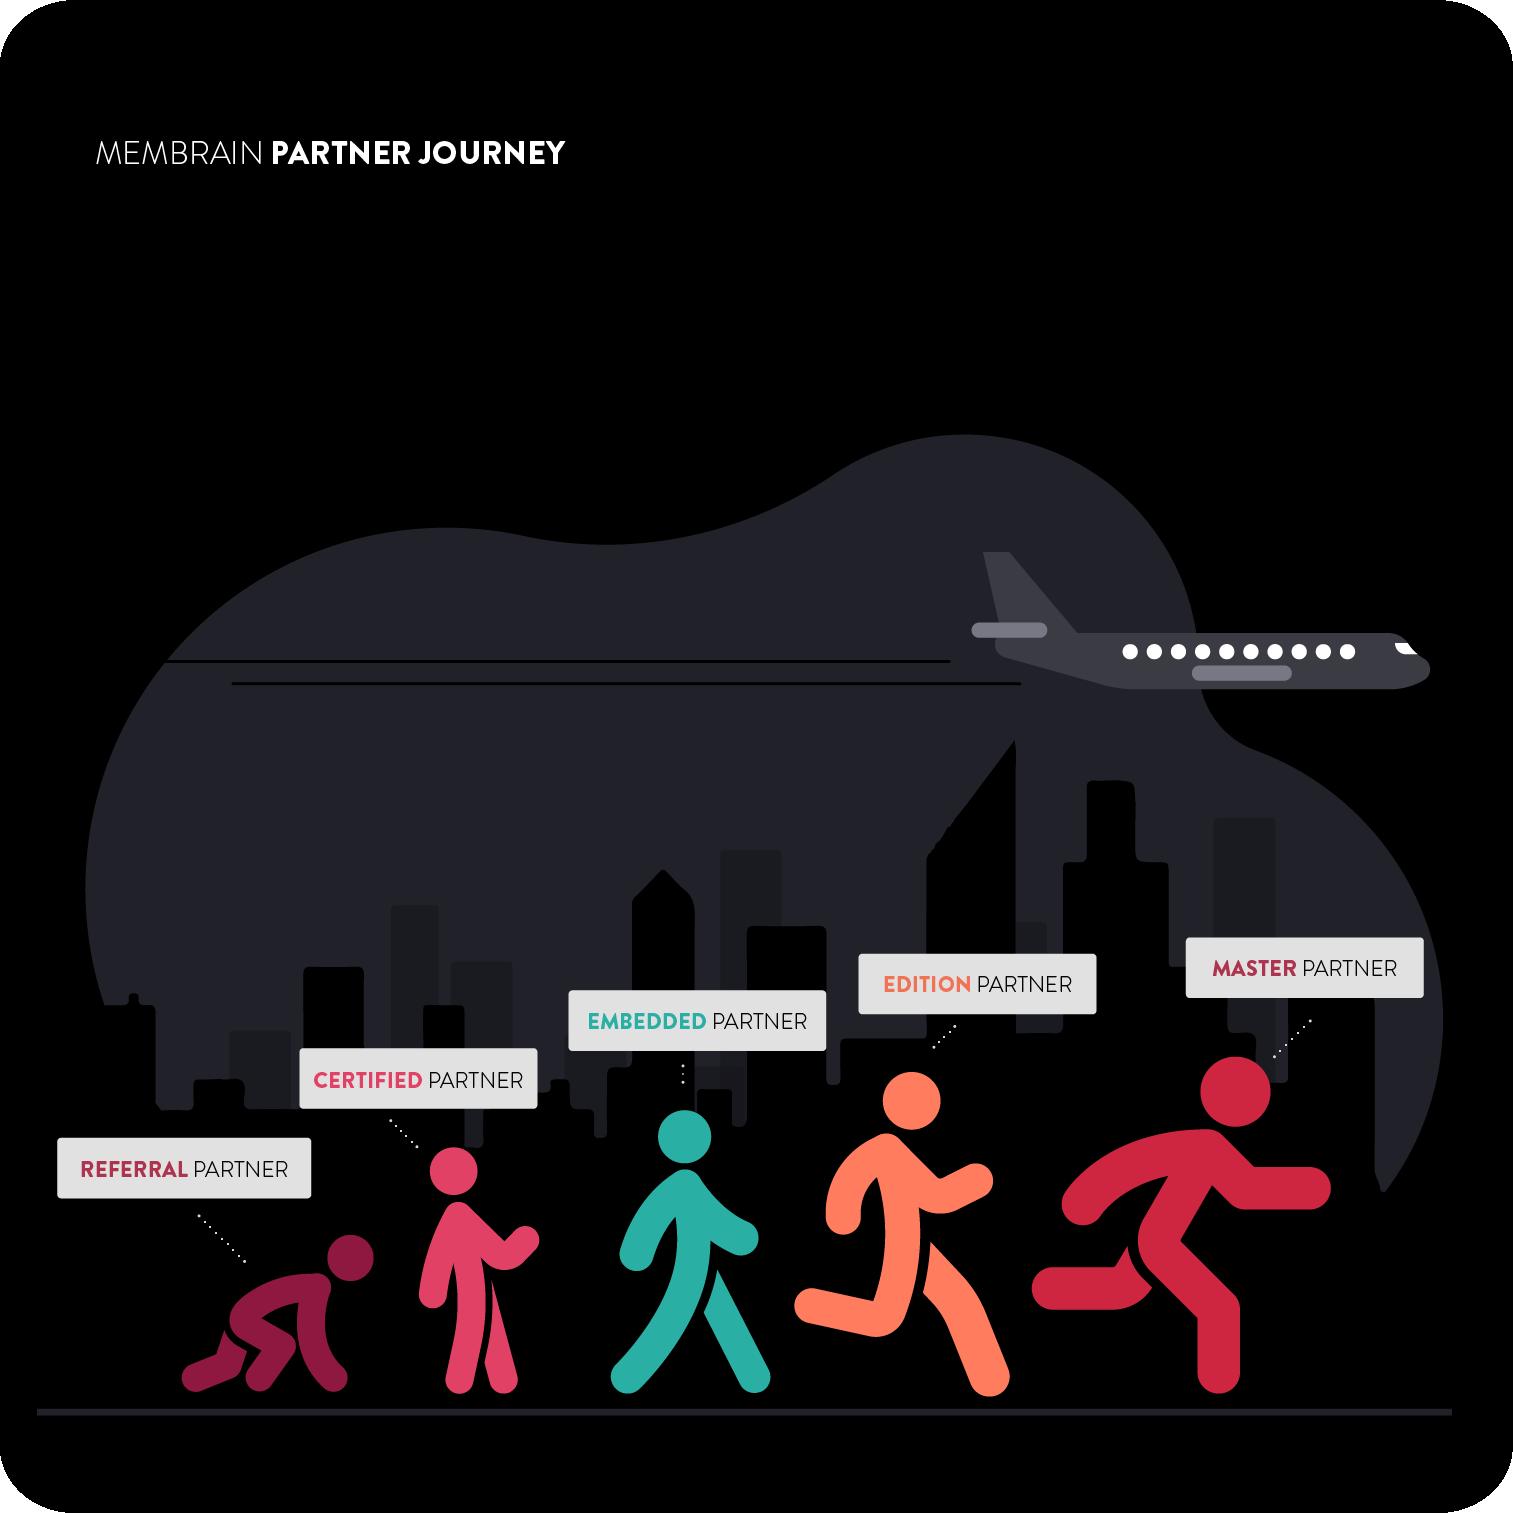 membrain_partner_journey